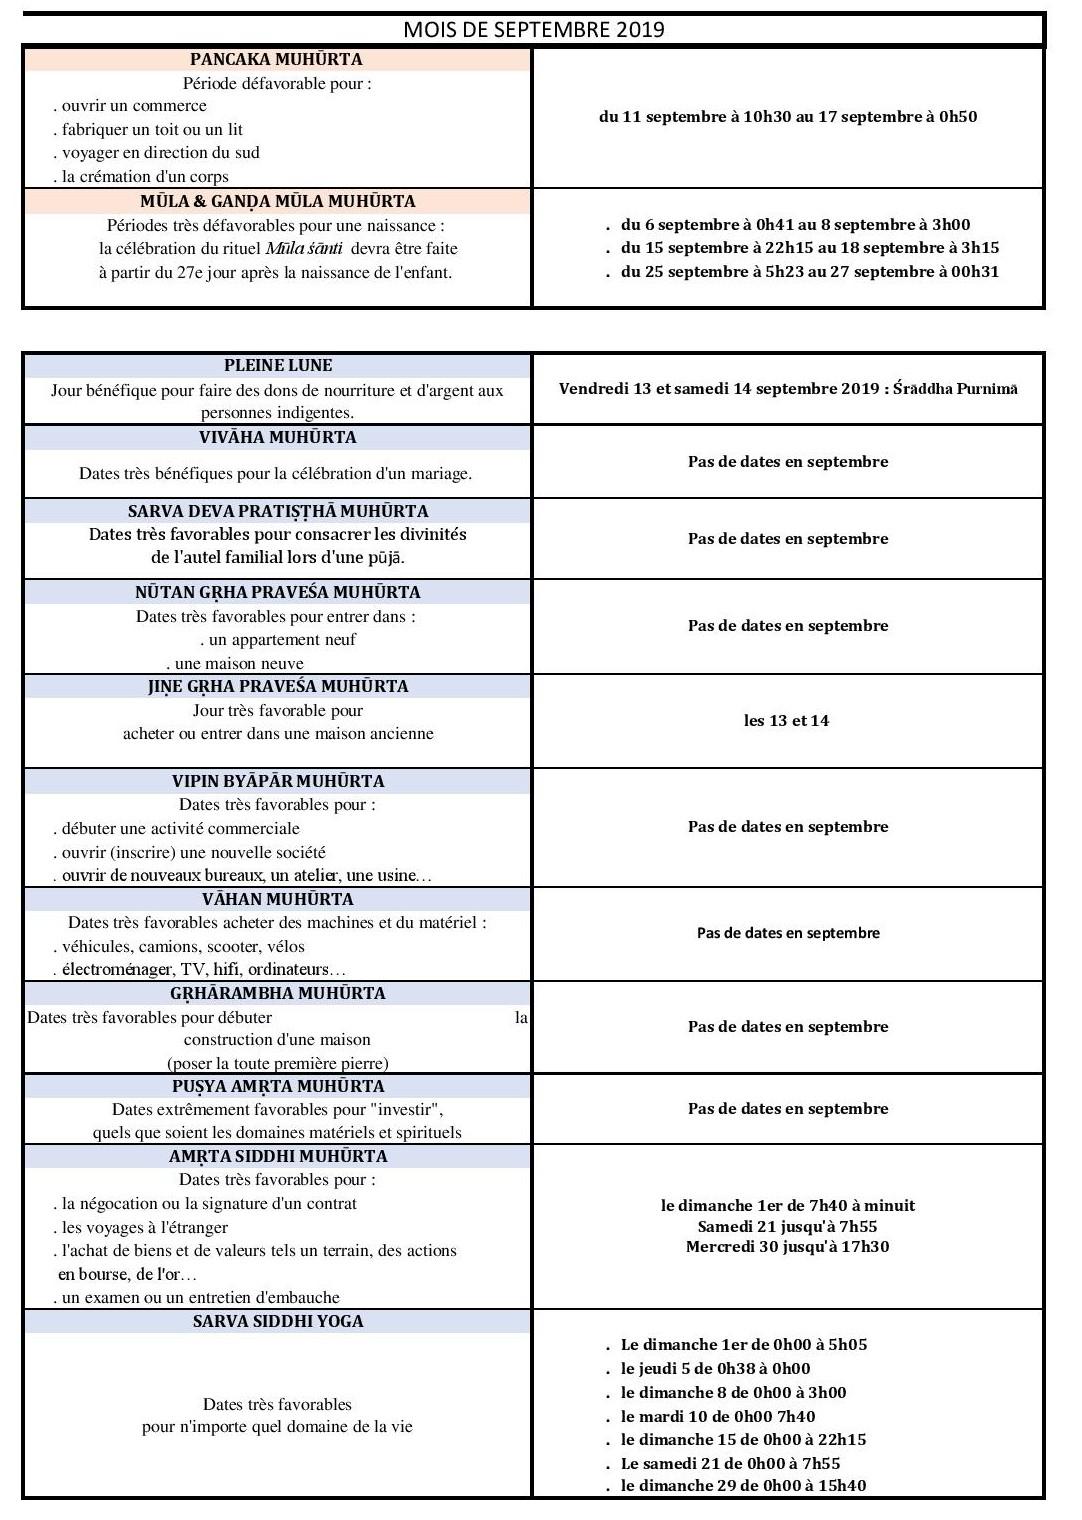 DATES DE MUHURTA DE SEPTEMBRE 2019-page-001